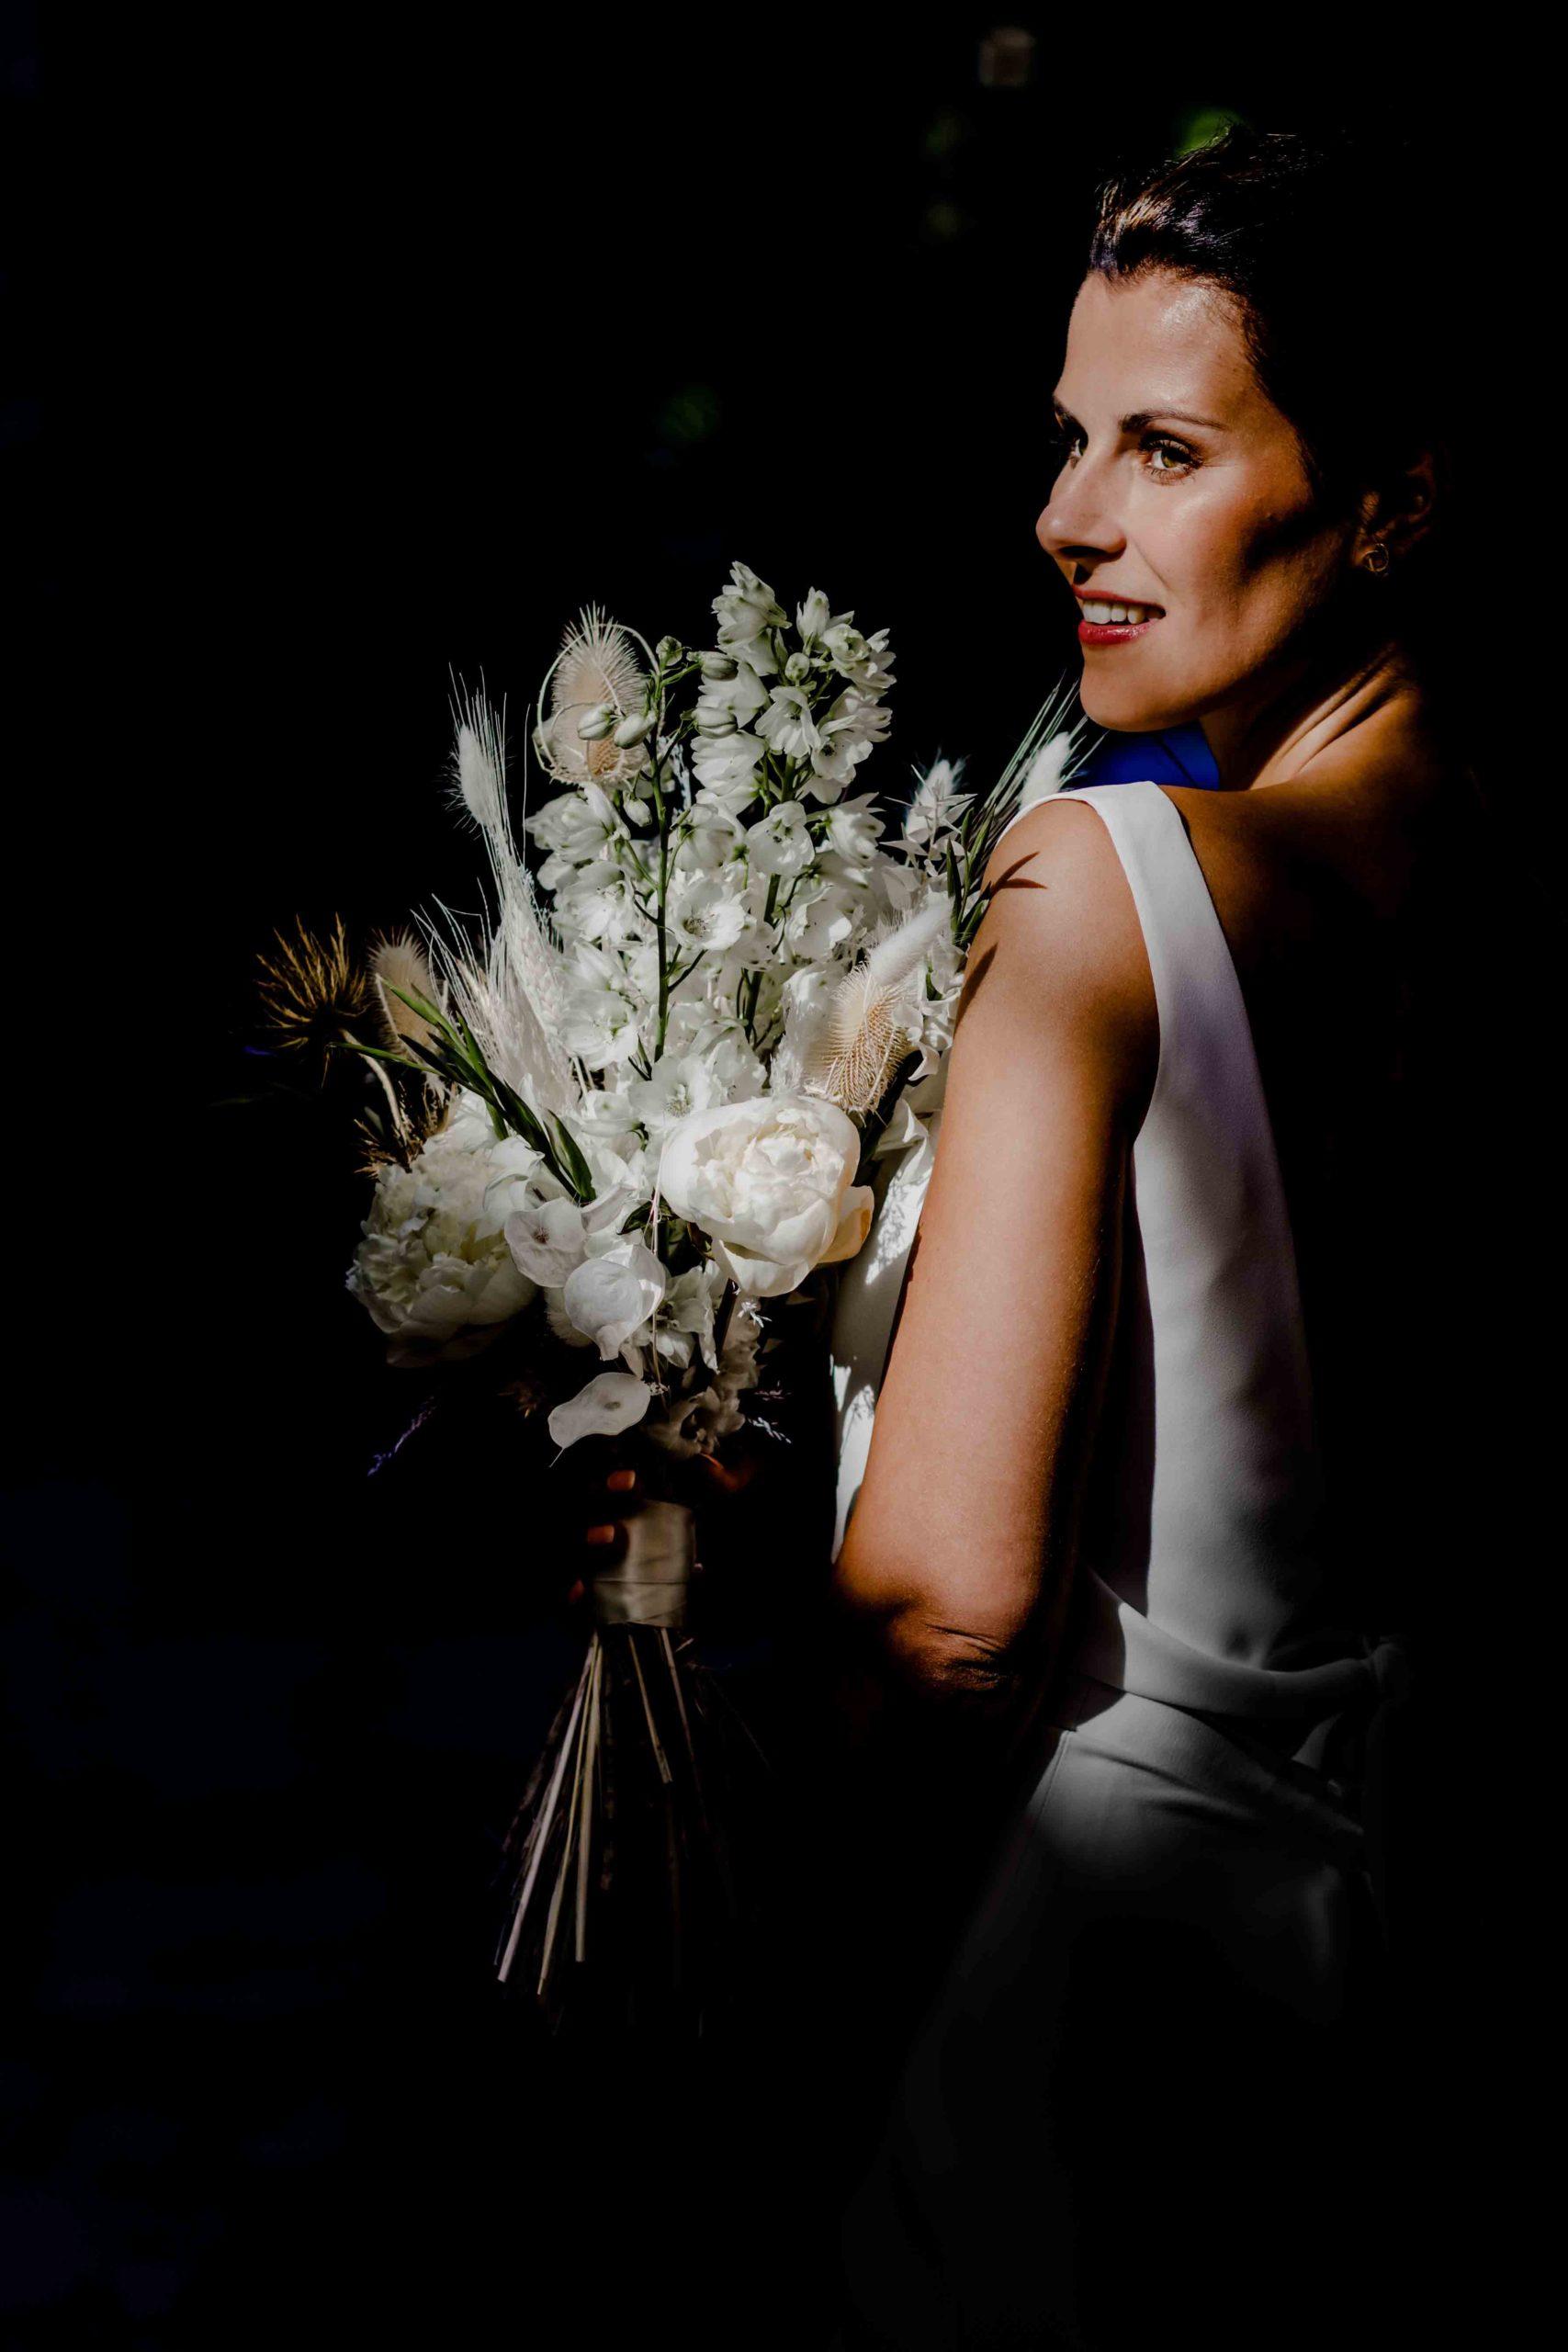 Styled Shoot Brautmode, Model mit weißem, ärmellosen Brautkleid mit Brautstrauss, Nahaufnahme mit halber Rückenansicht